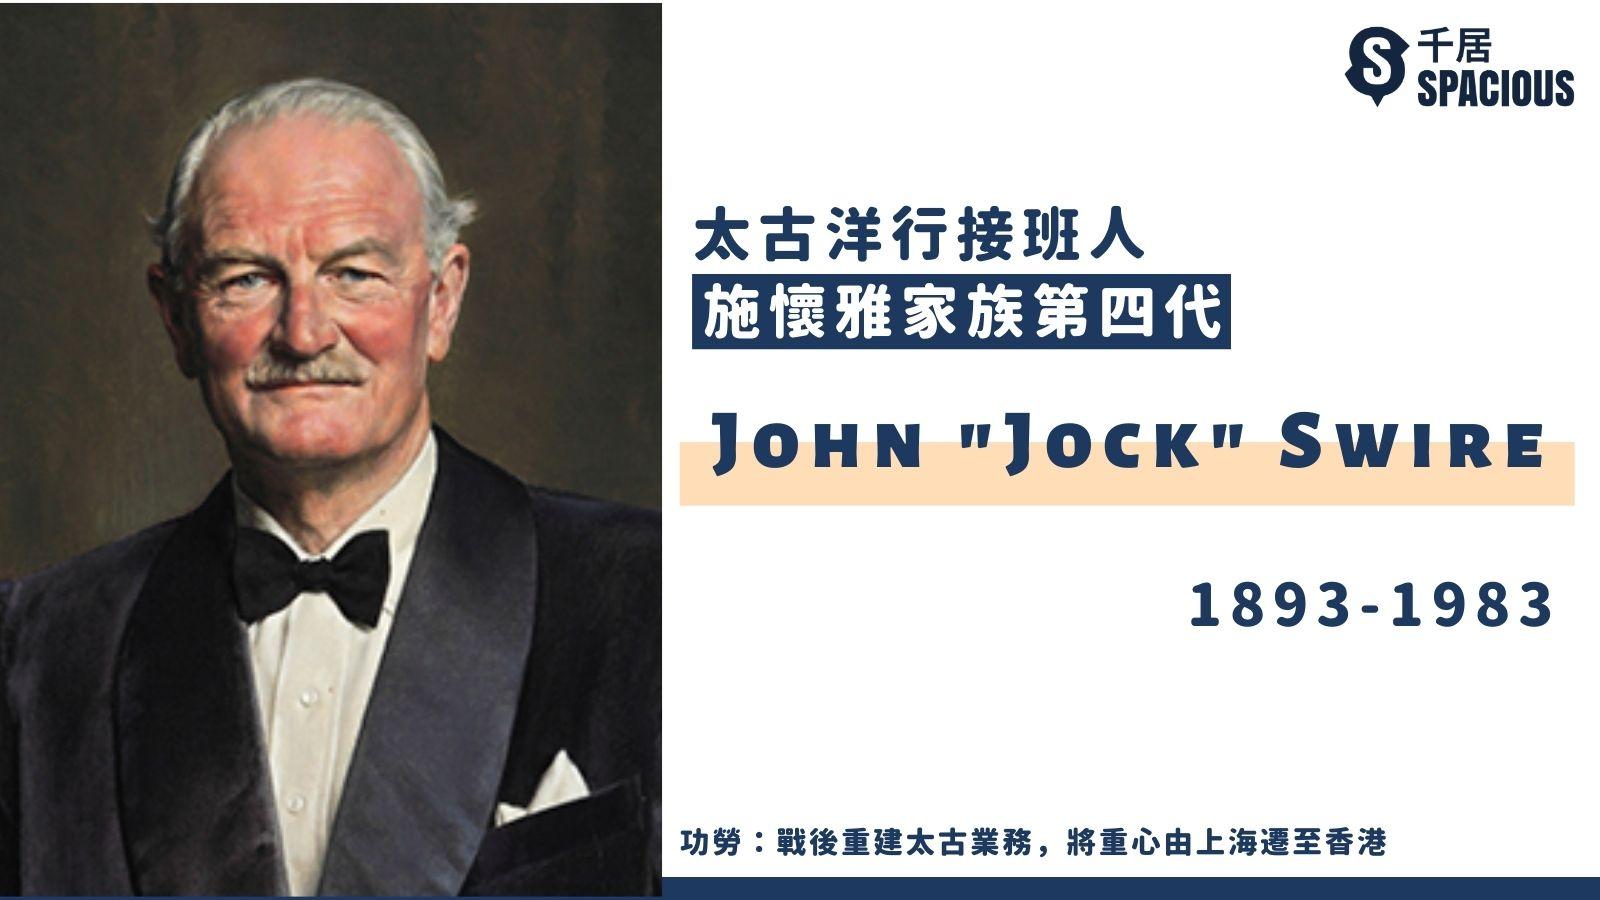 太古洋行接班人-施懷雅家族第四代-John Jock Swire